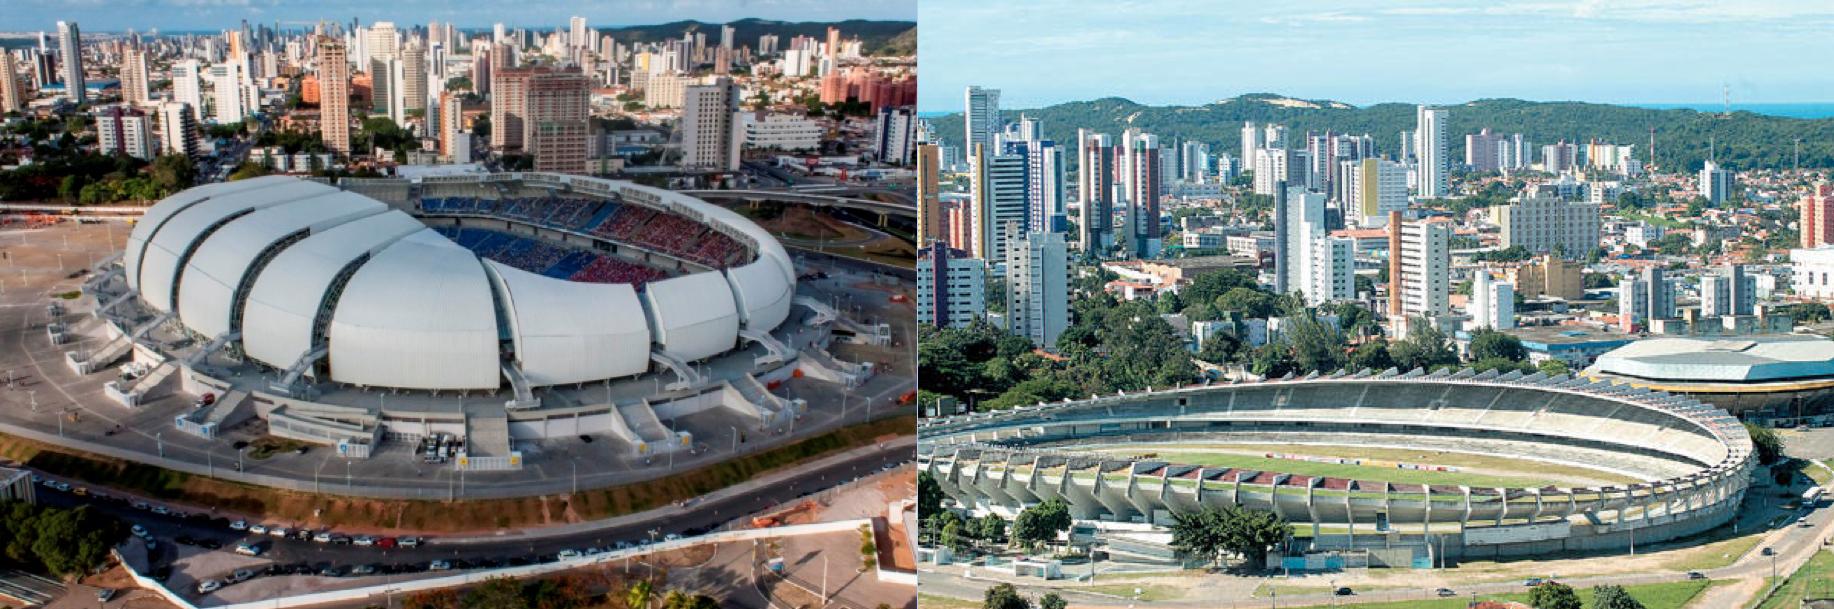 01 Arena Das Dunas